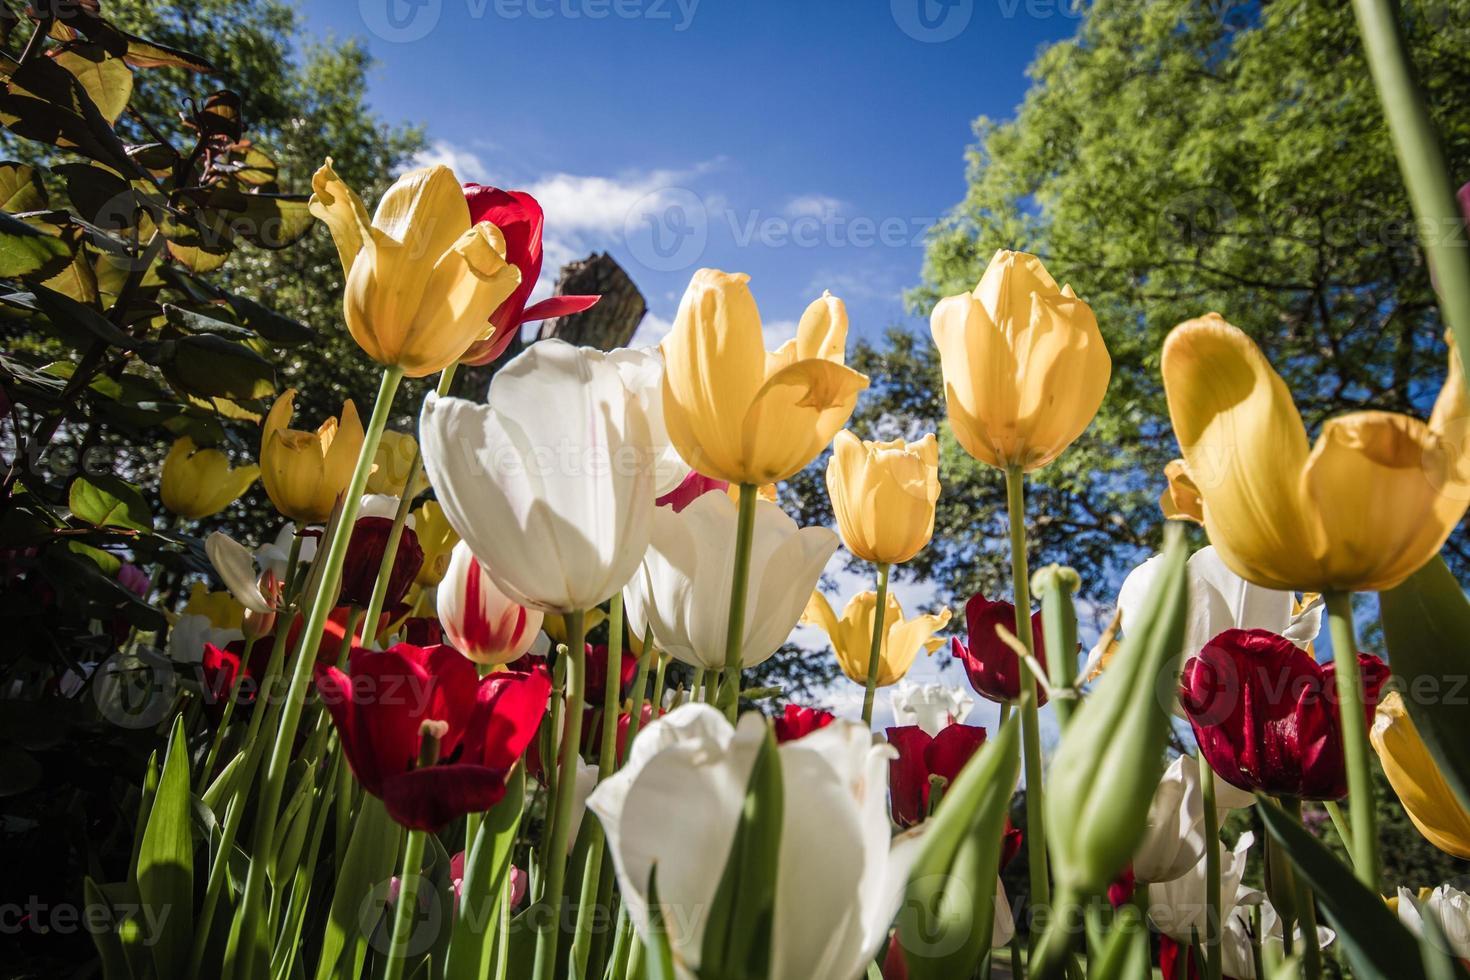 prachtige kleurrijke tulpen in een groene tuin van istanbul foto